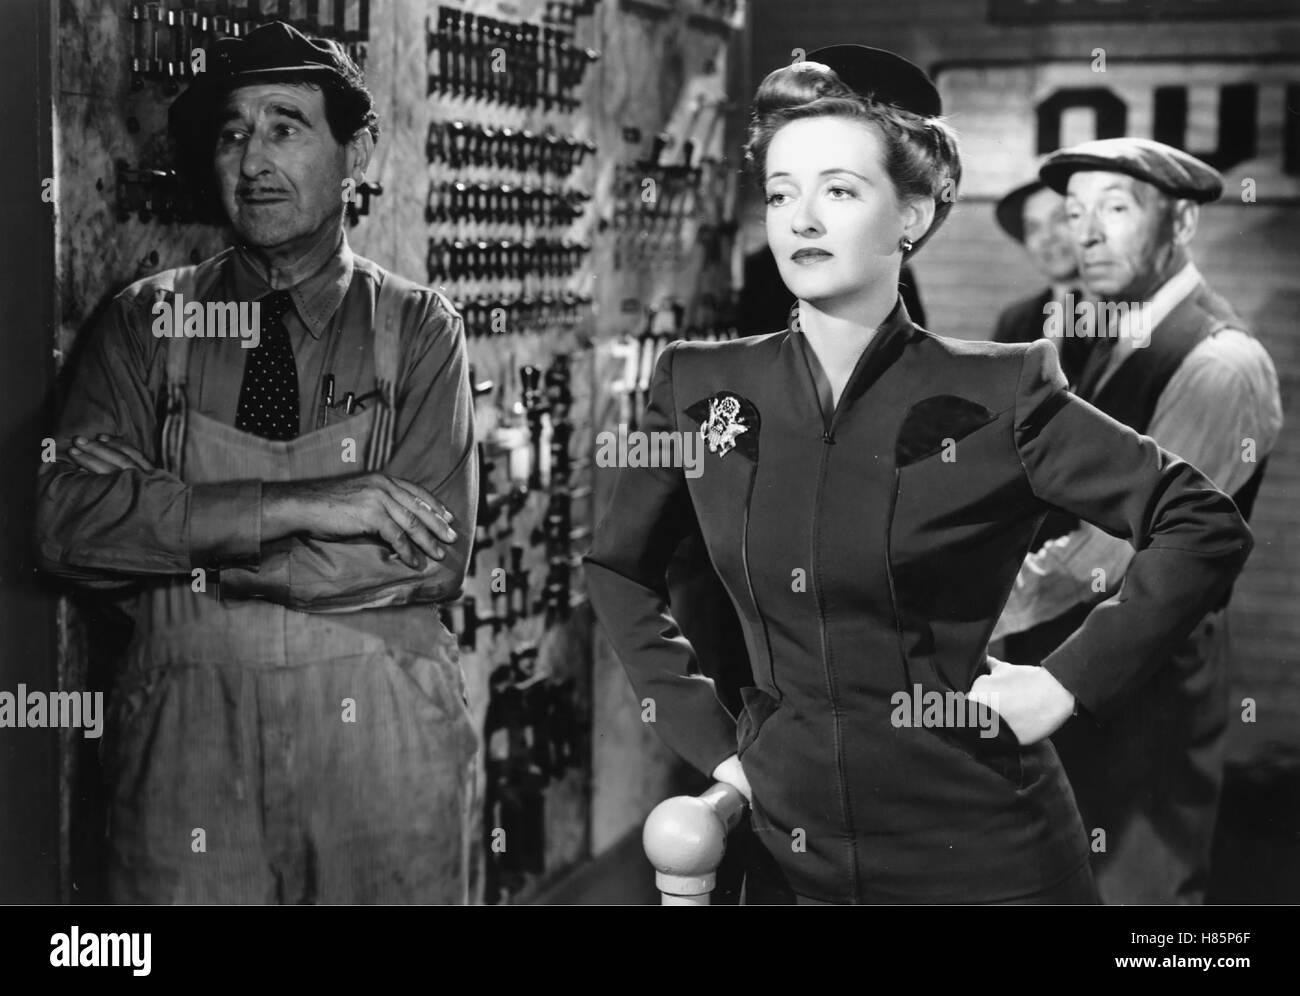 Der Mann, der zum Essen kam, (THE MAN WHO CAME TO DINNER) USA 1941, Regie: William Keighley, BETTE DAVIS (mi) - Stock Image